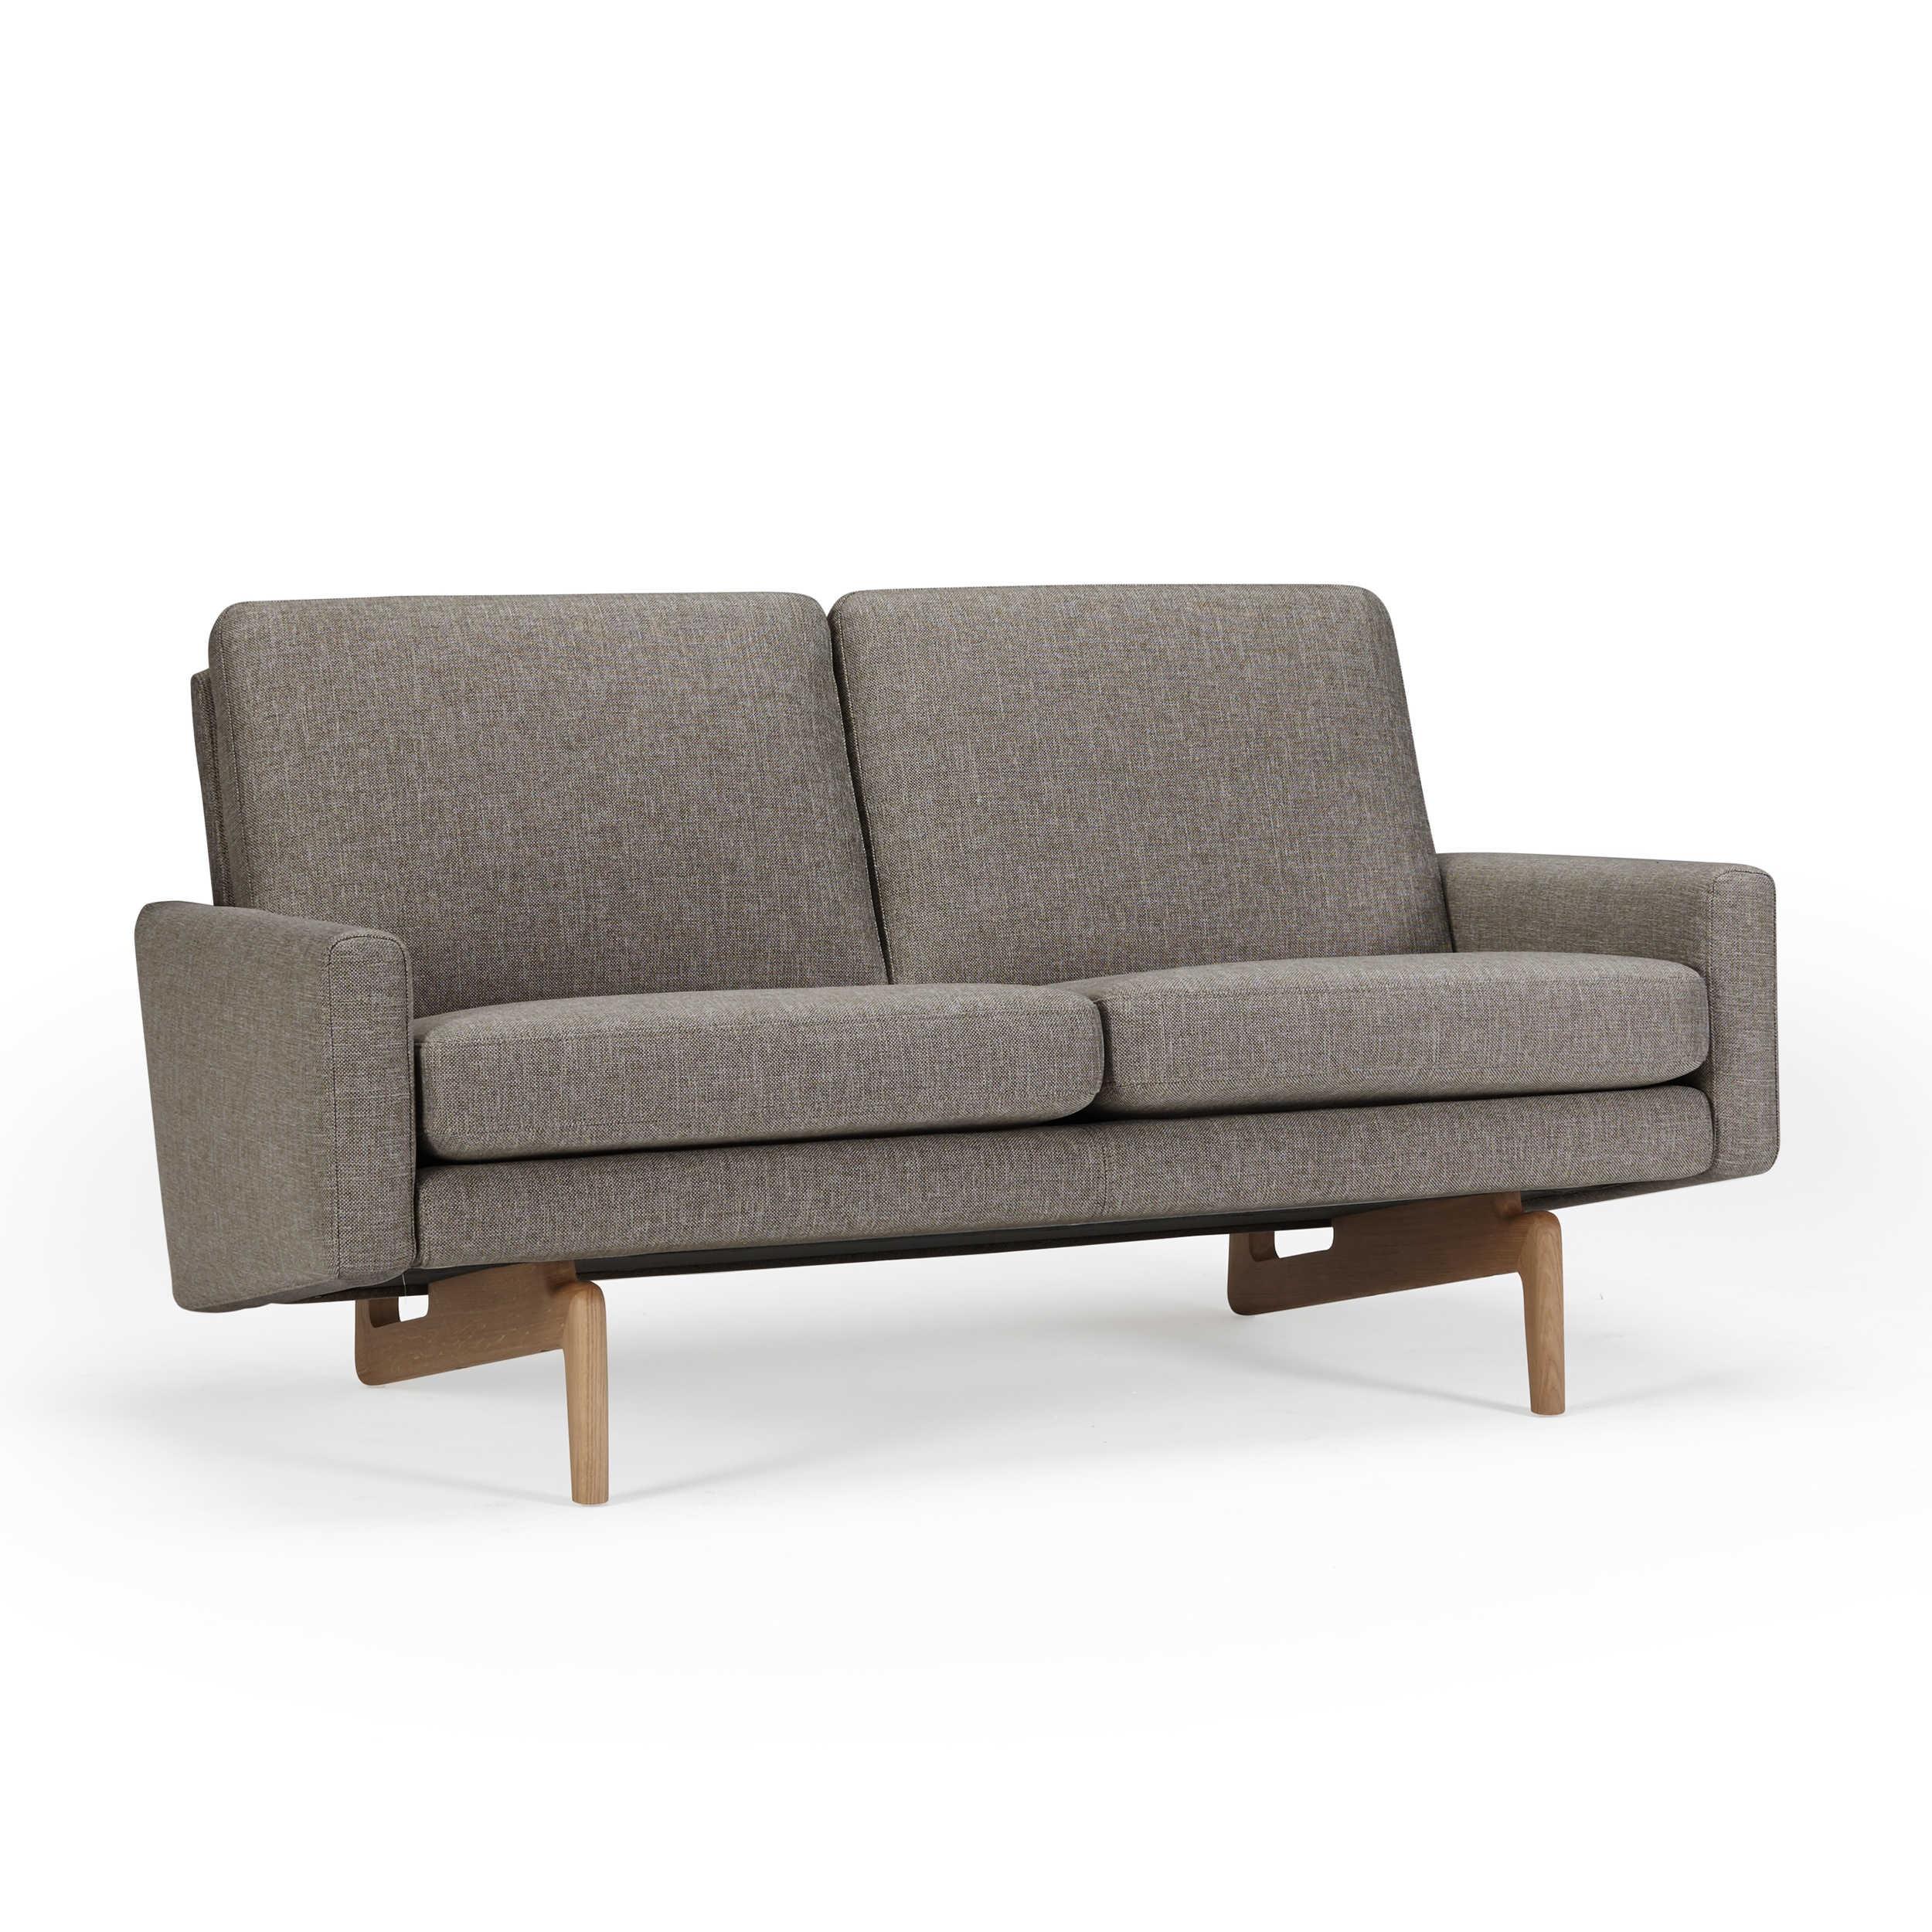 kragelund sofa k200 egsmark braun stoff online kaufen bei woonio. Black Bedroom Furniture Sets. Home Design Ideas